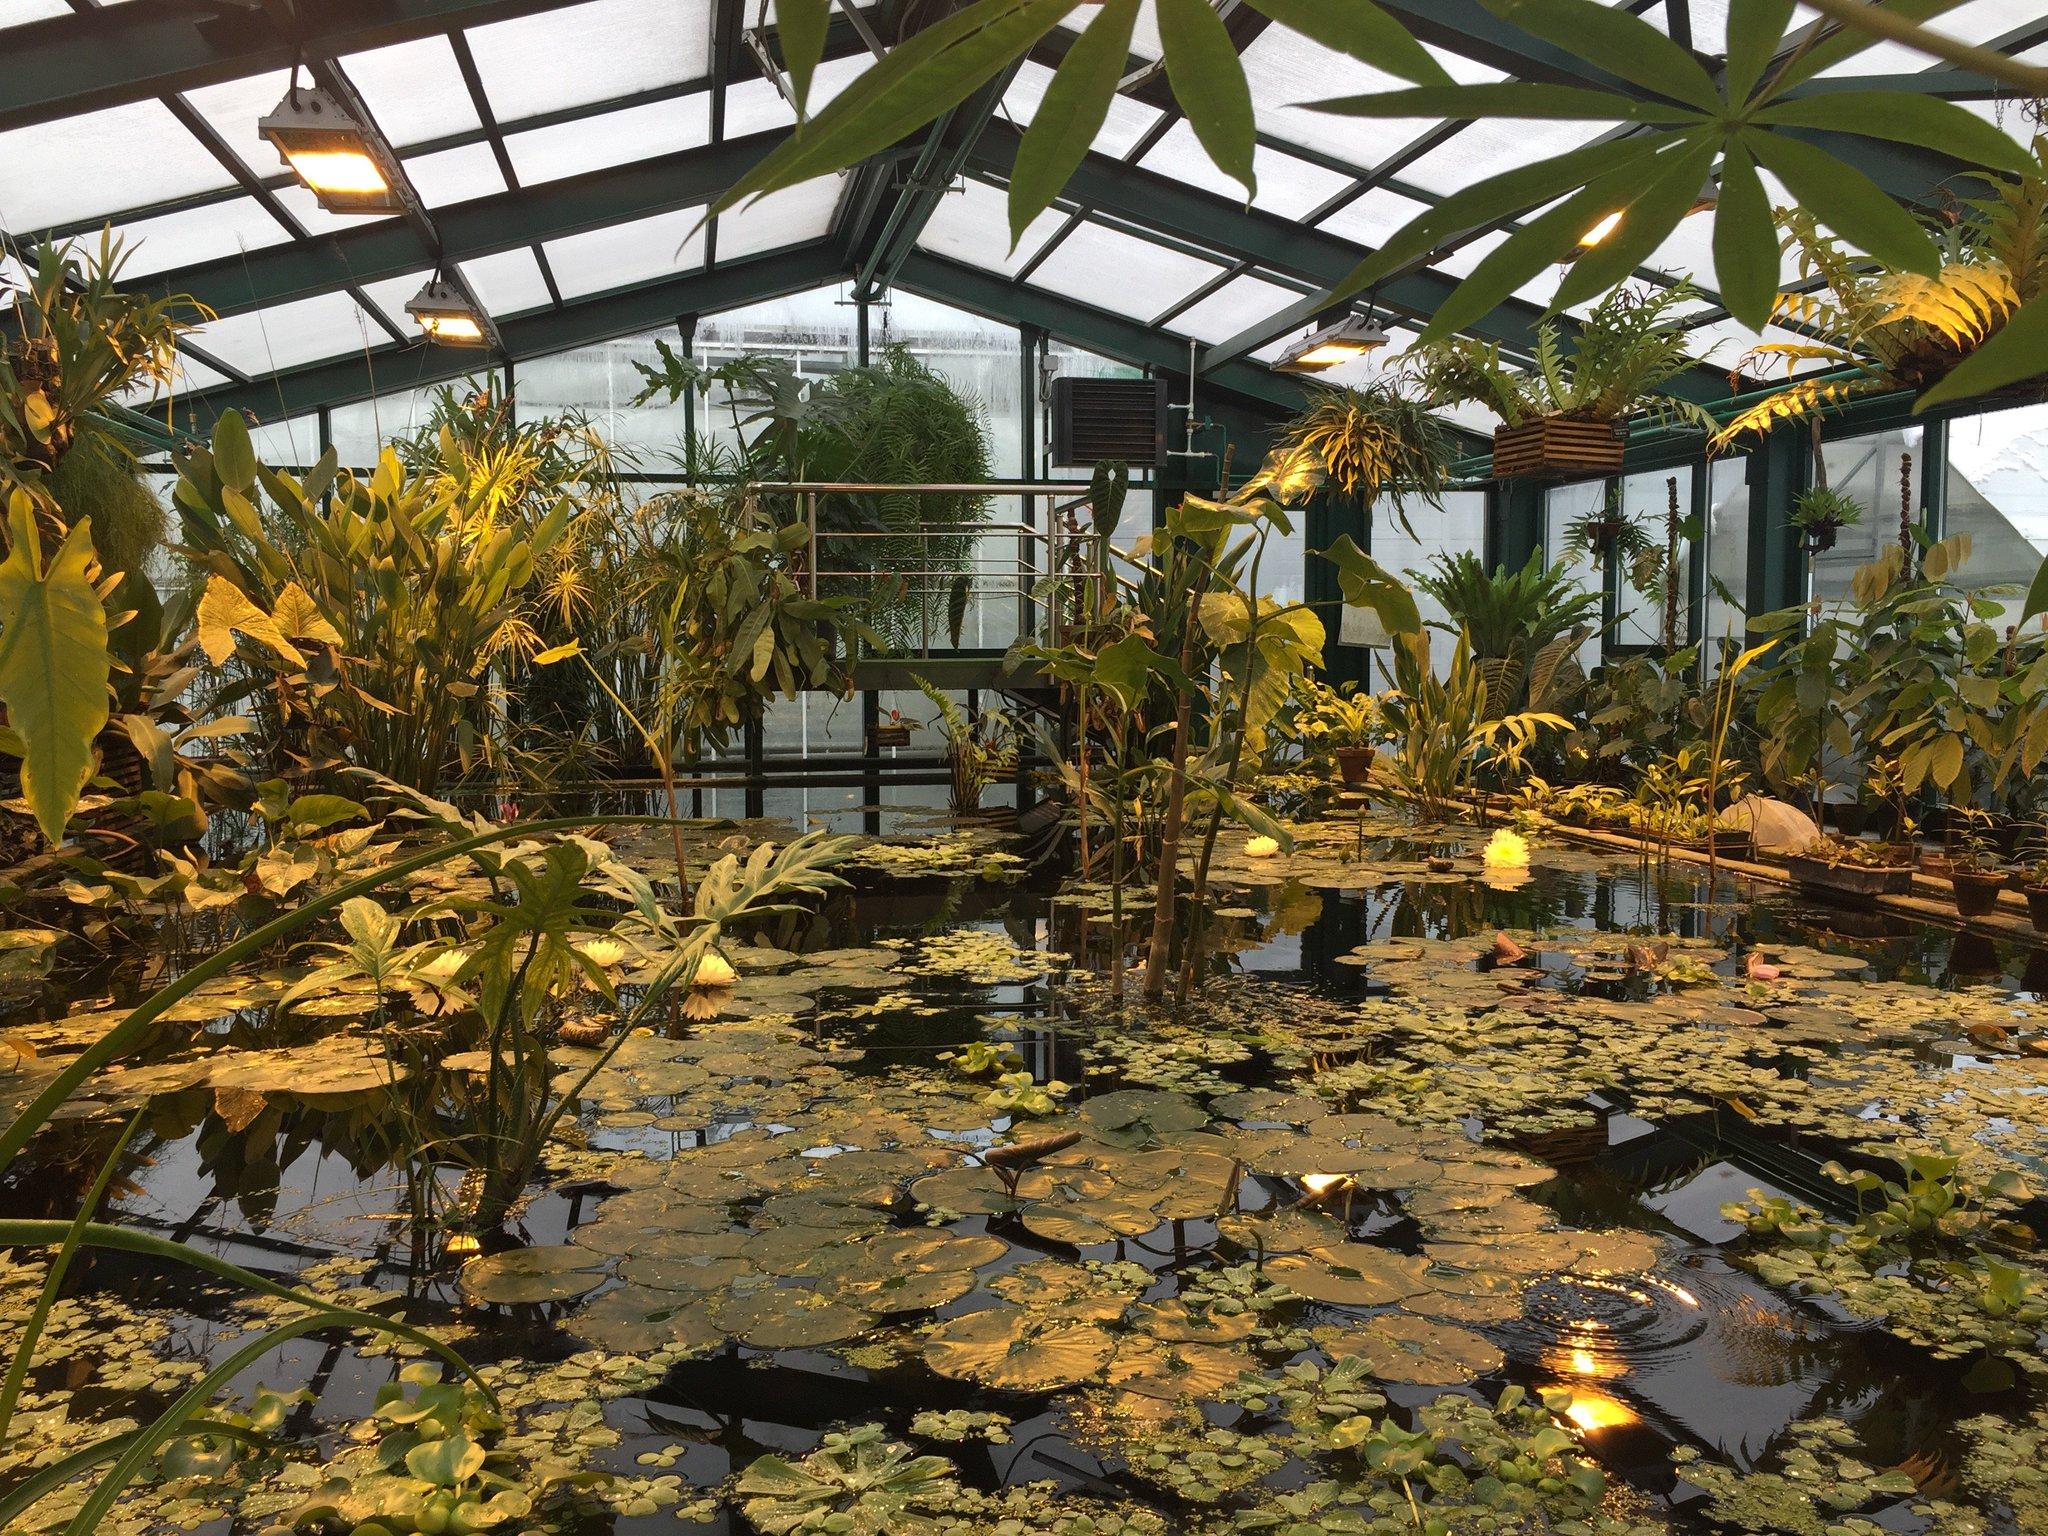 картинки аптекарский огород москва-оранжереи-как растут бананы